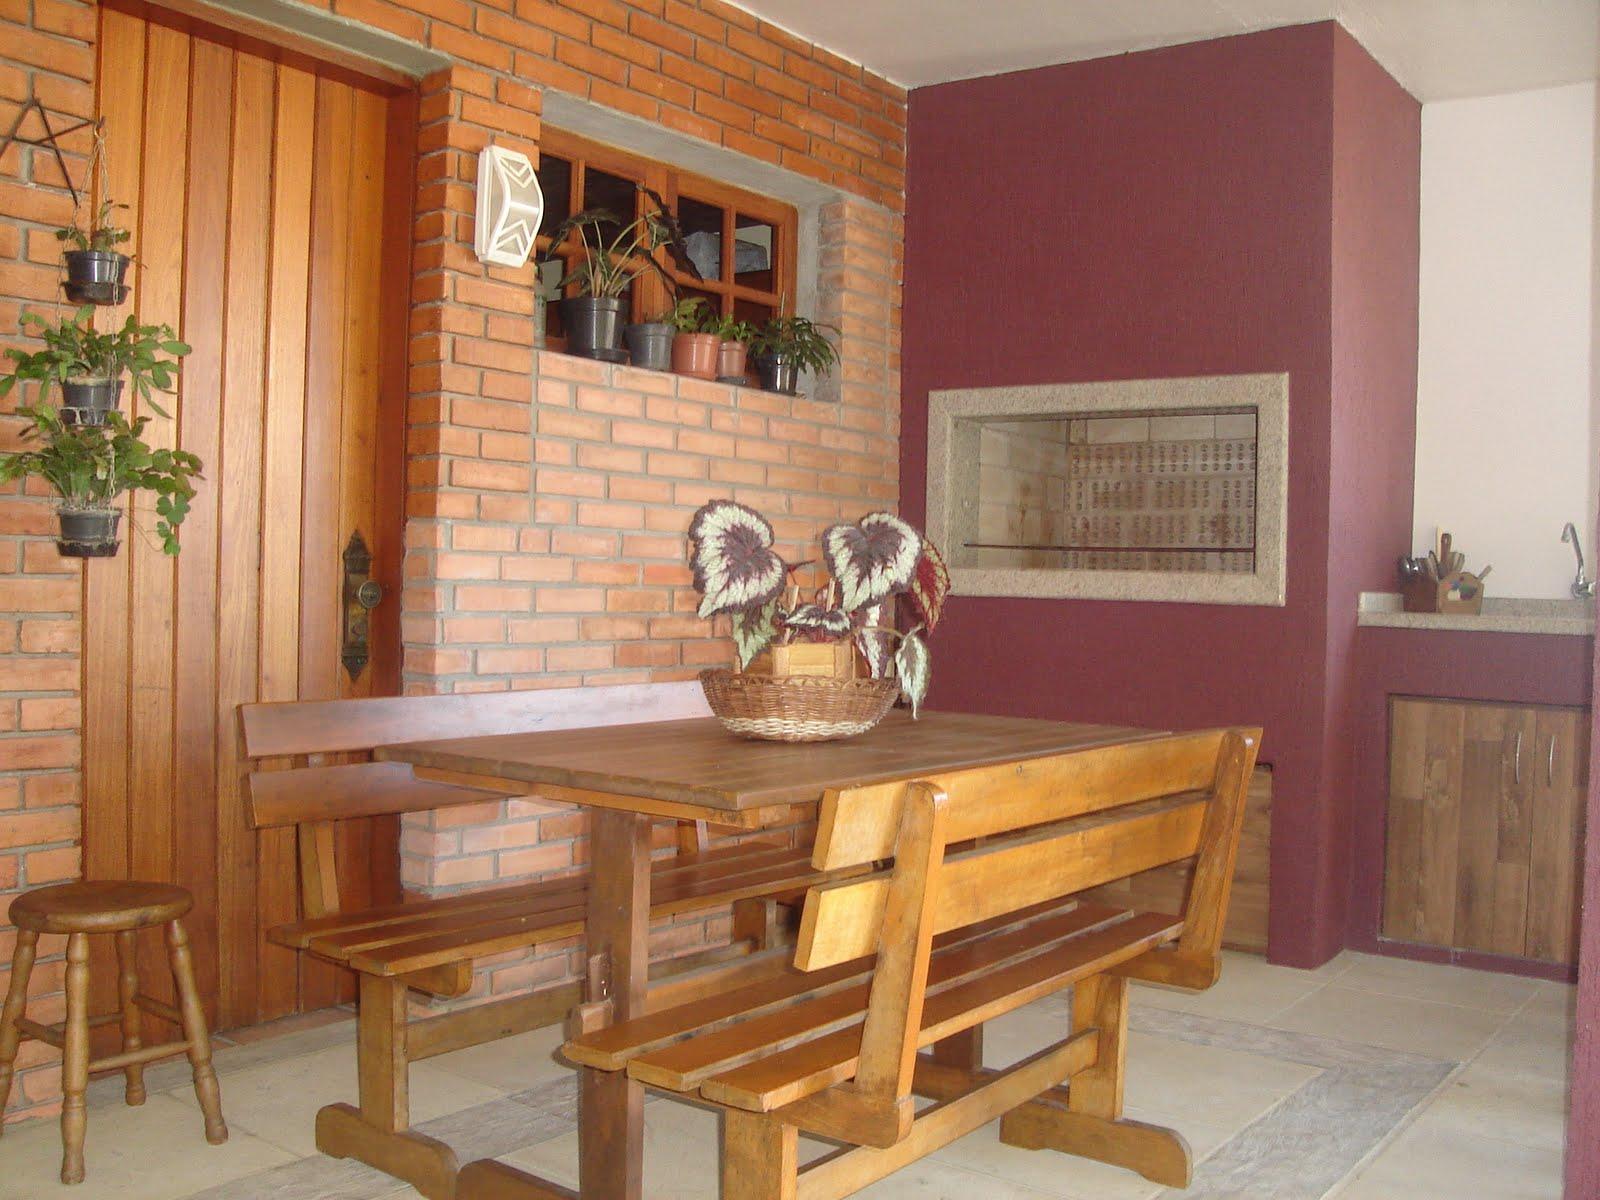 #C47107 CASA E CORES: PROJETO DE ÁREA EXTERNA COM CHURRASQUEIRA 1600x1200 px Projeto Cozinha Externa Com Churrasqueira_4203 Imagens